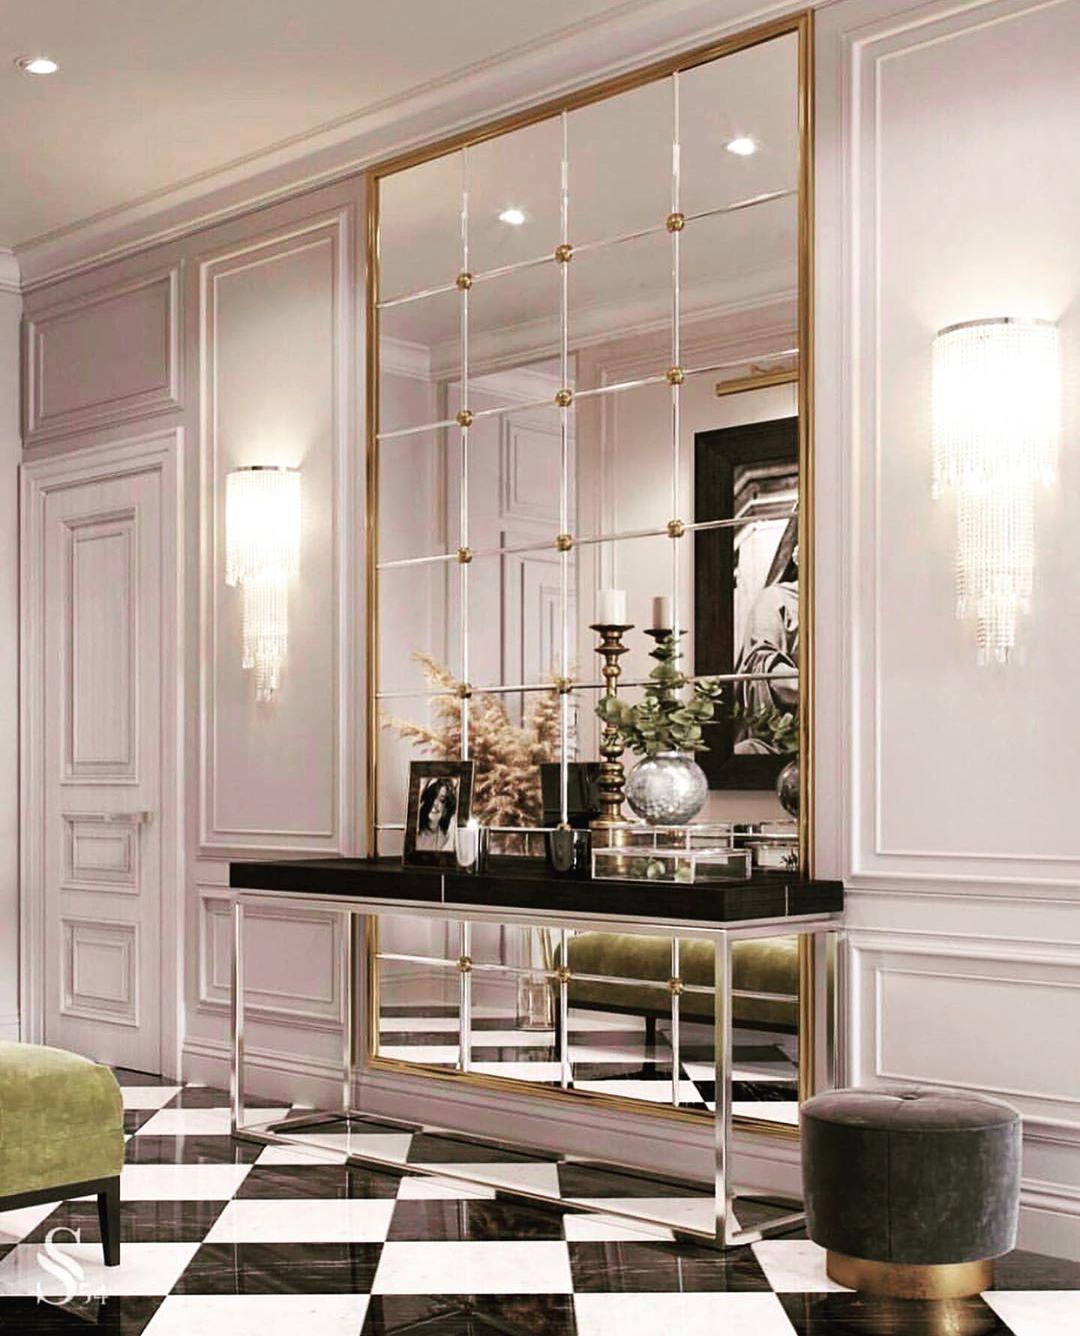 37+ Decoration en relief ajoutees a un meuble ideas in 2021